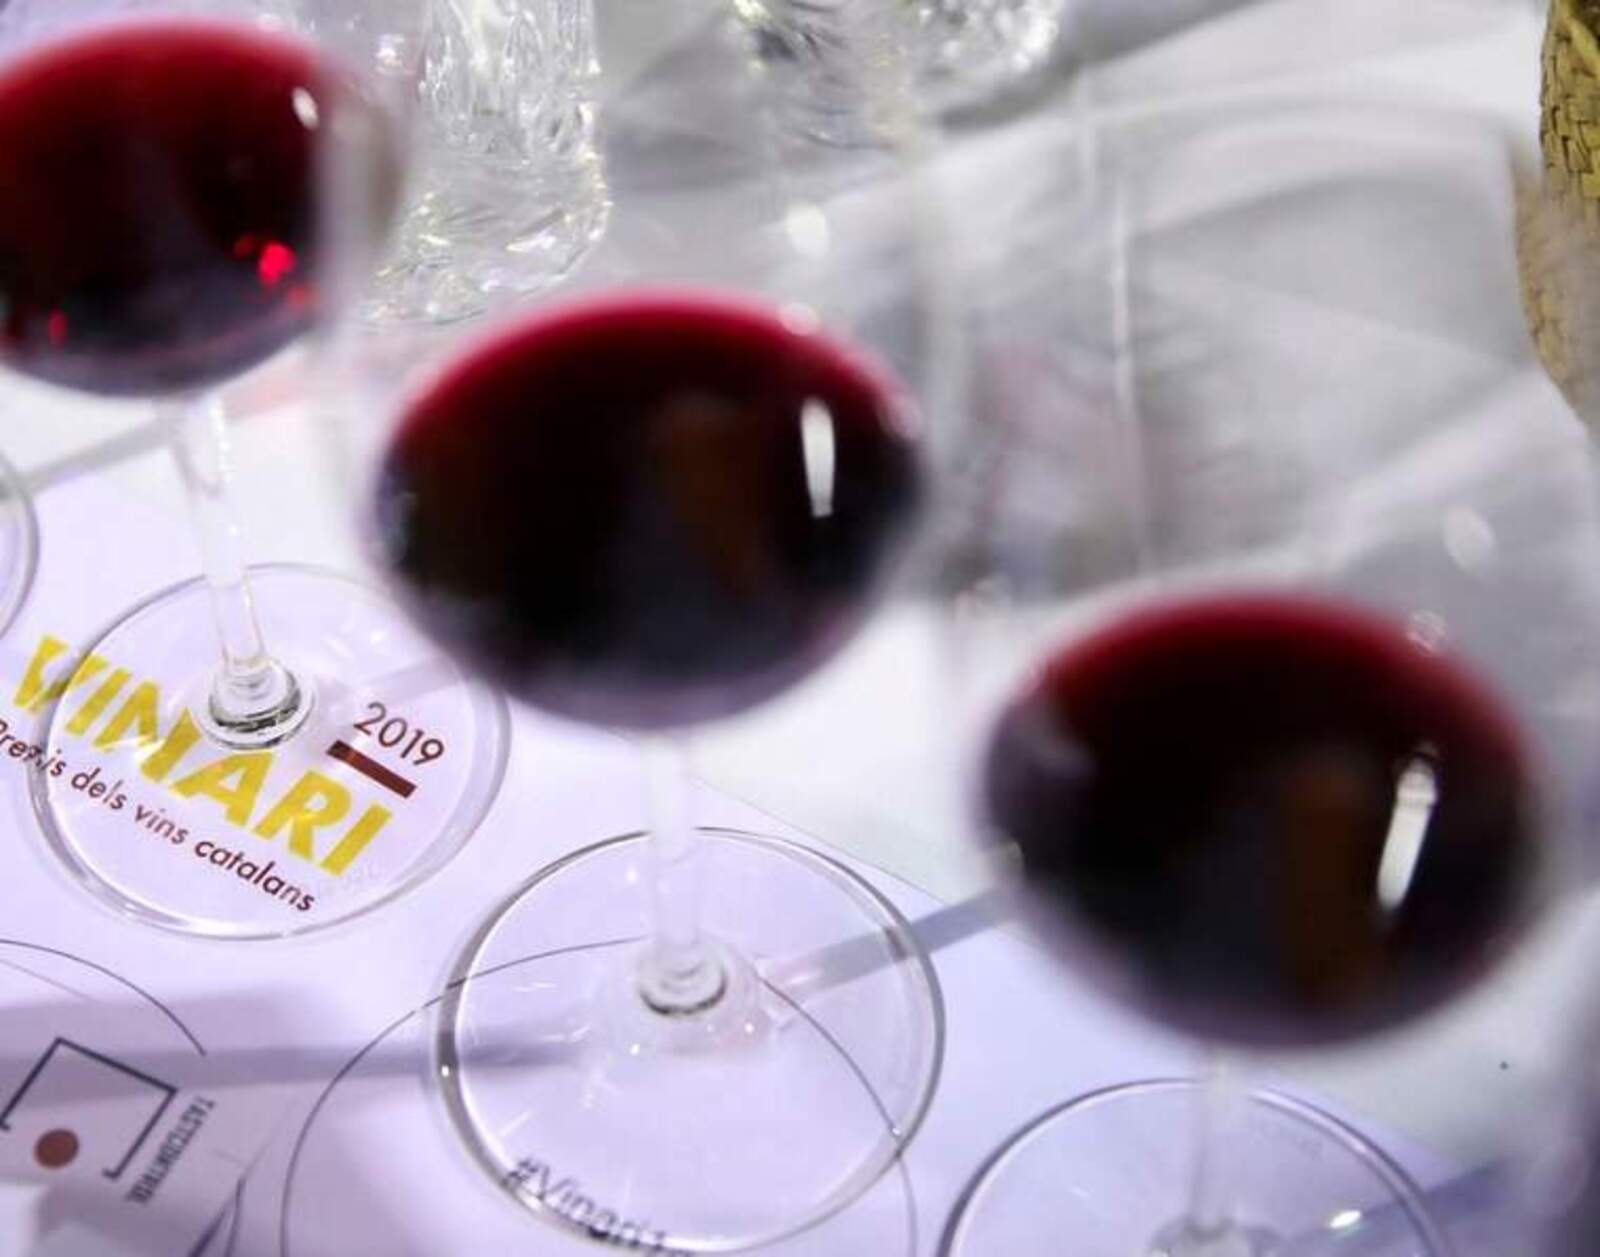 Els tastos dels Premis Vinari es fan totalment a cegues